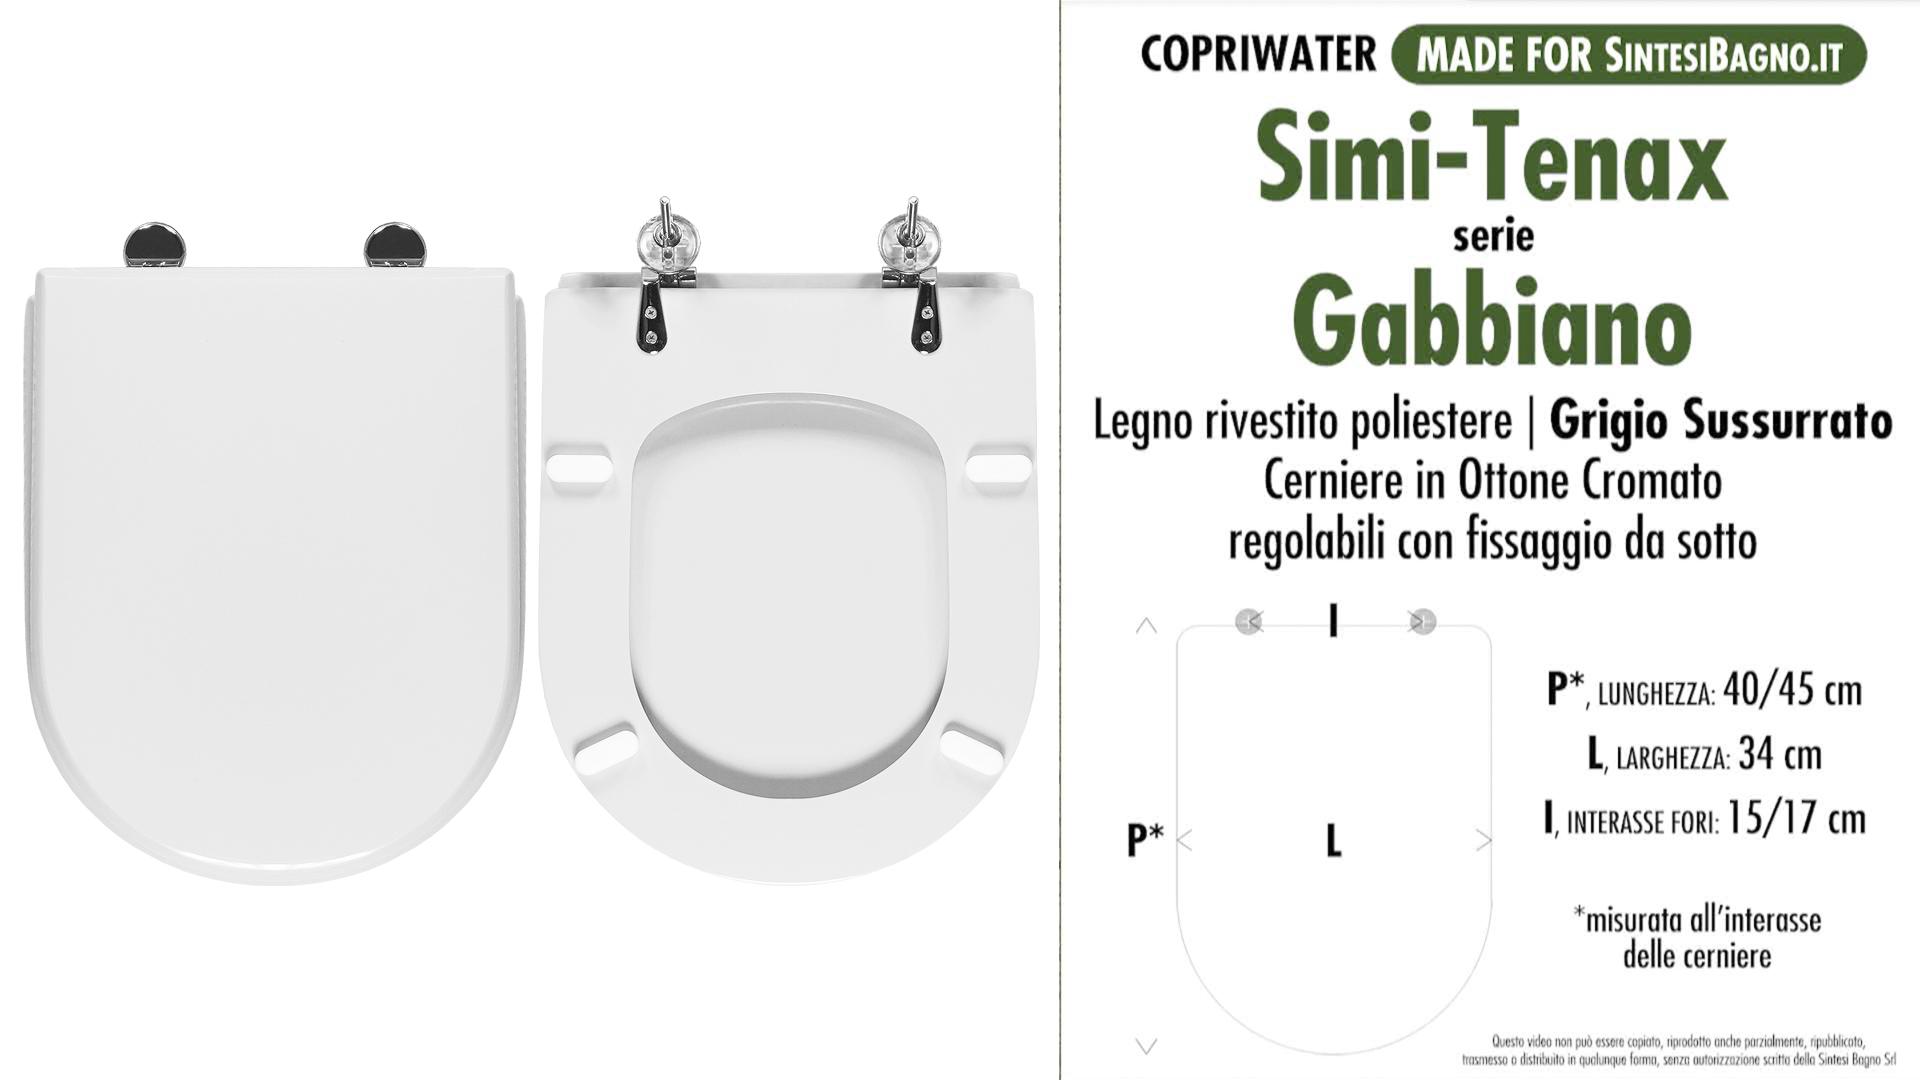 SCHEDA TECNICA MISURE copriwater SIMI-TENAX GABBIANO